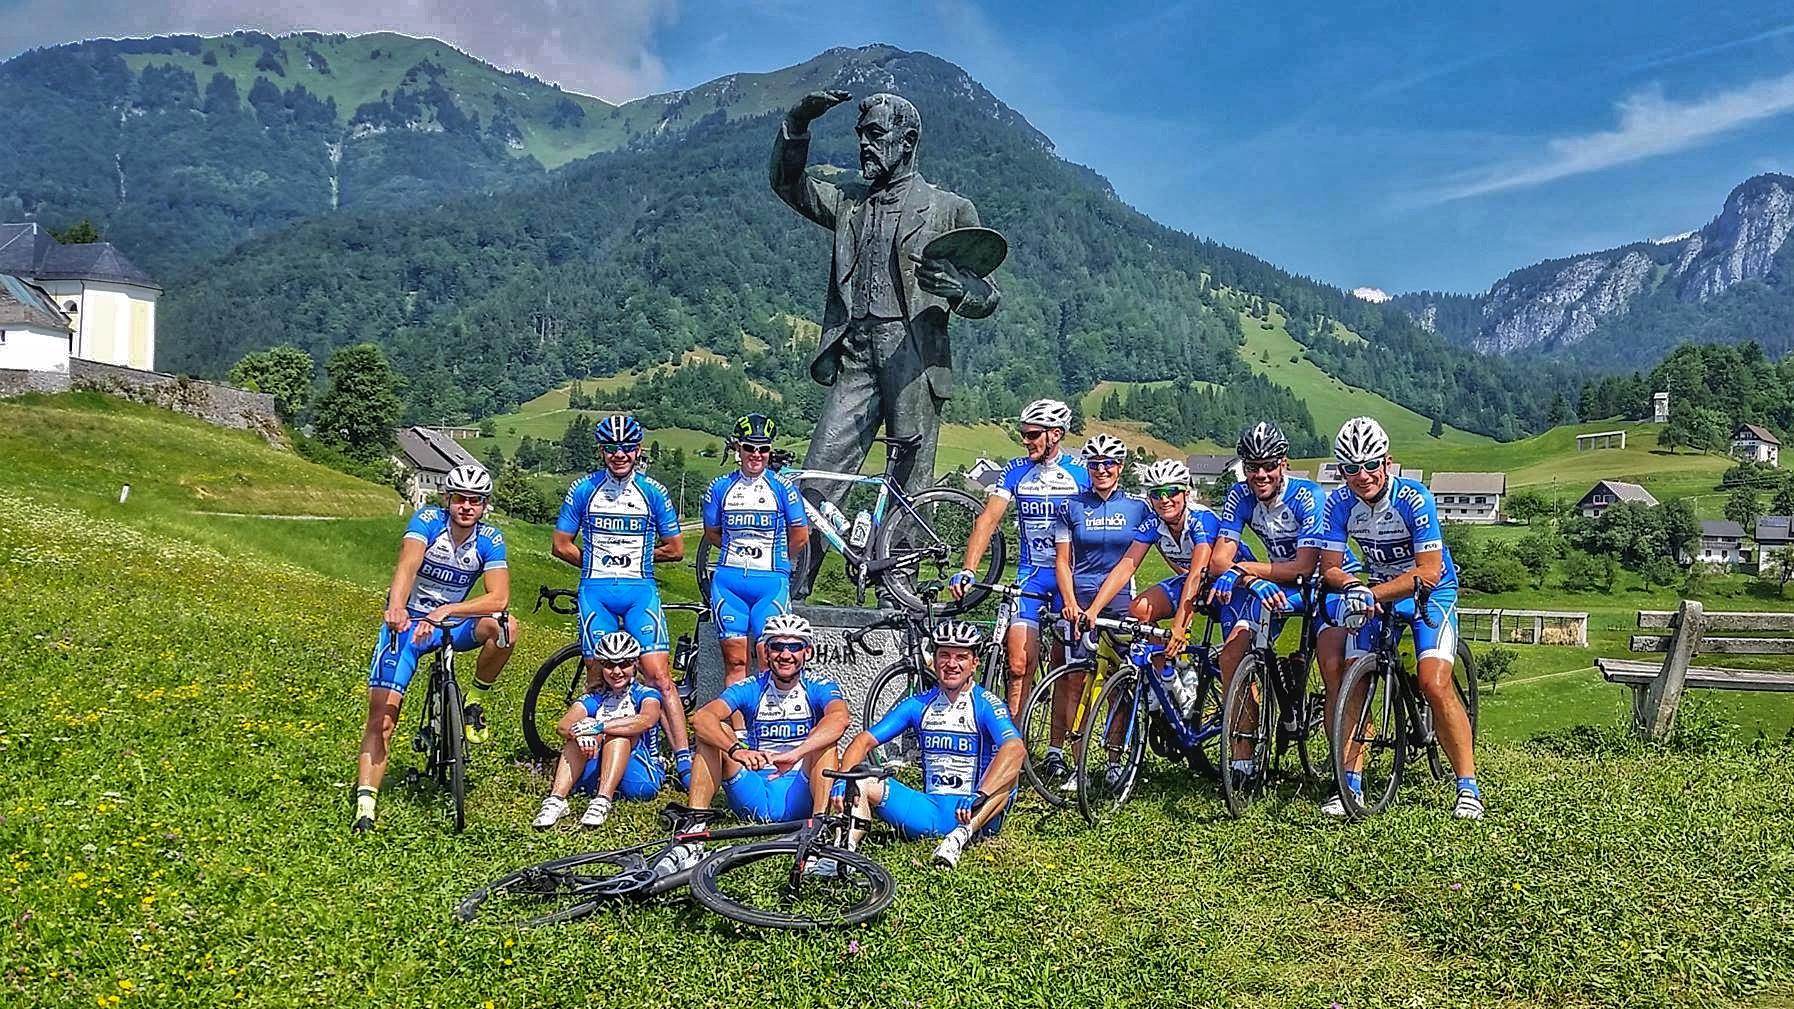 Dolazak gostiju iz Slovenije BK Bambi Biciklizam